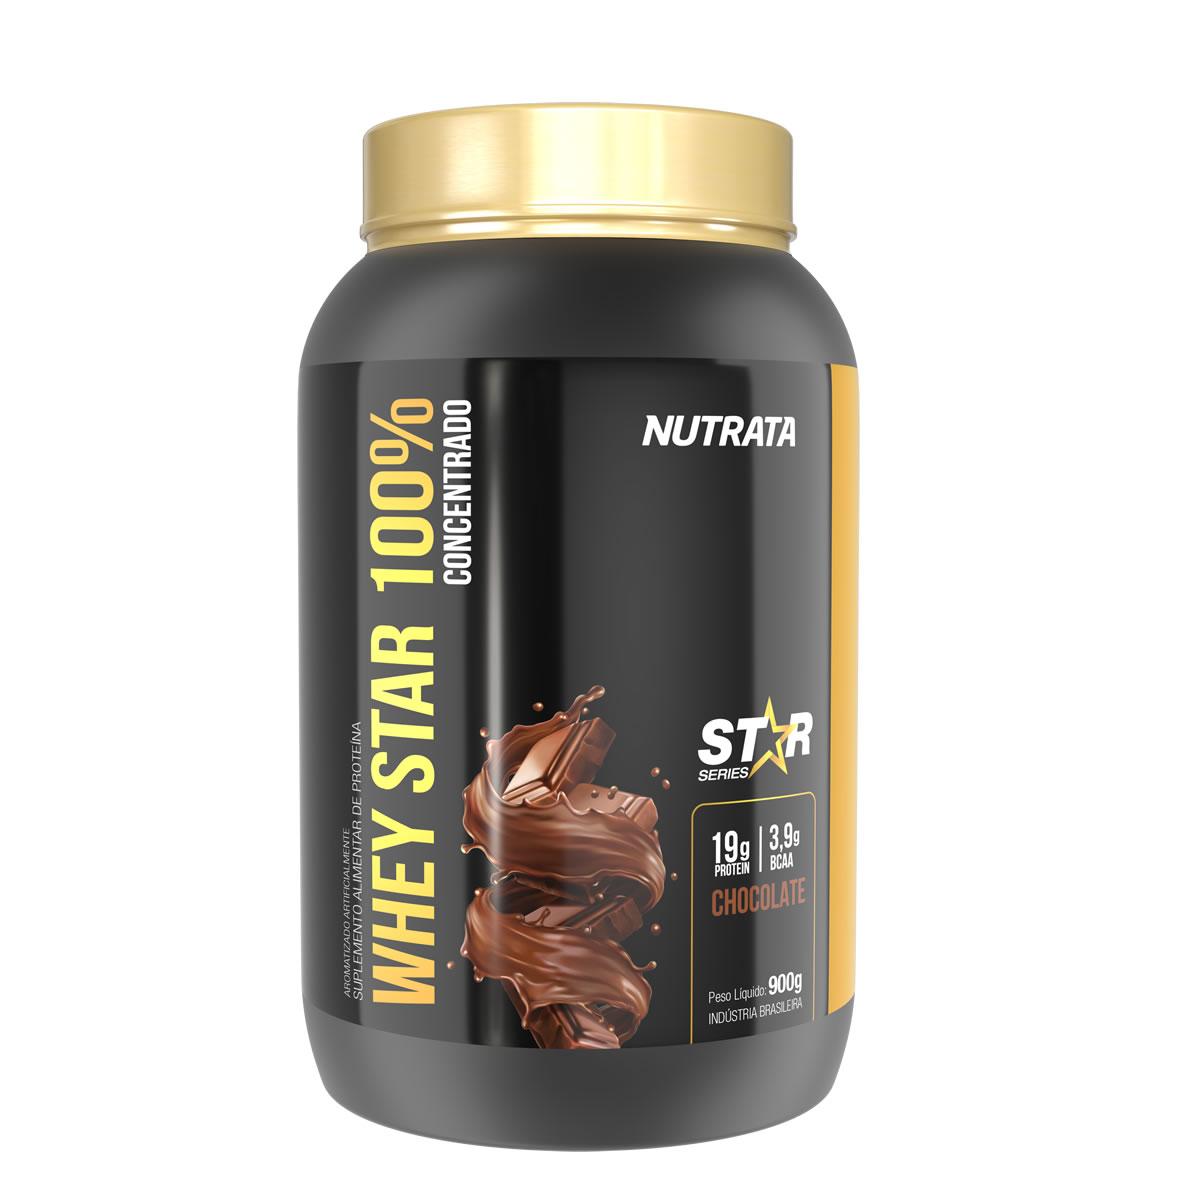 Whey Star 100% sabor Chocolate 900g - Nutrata